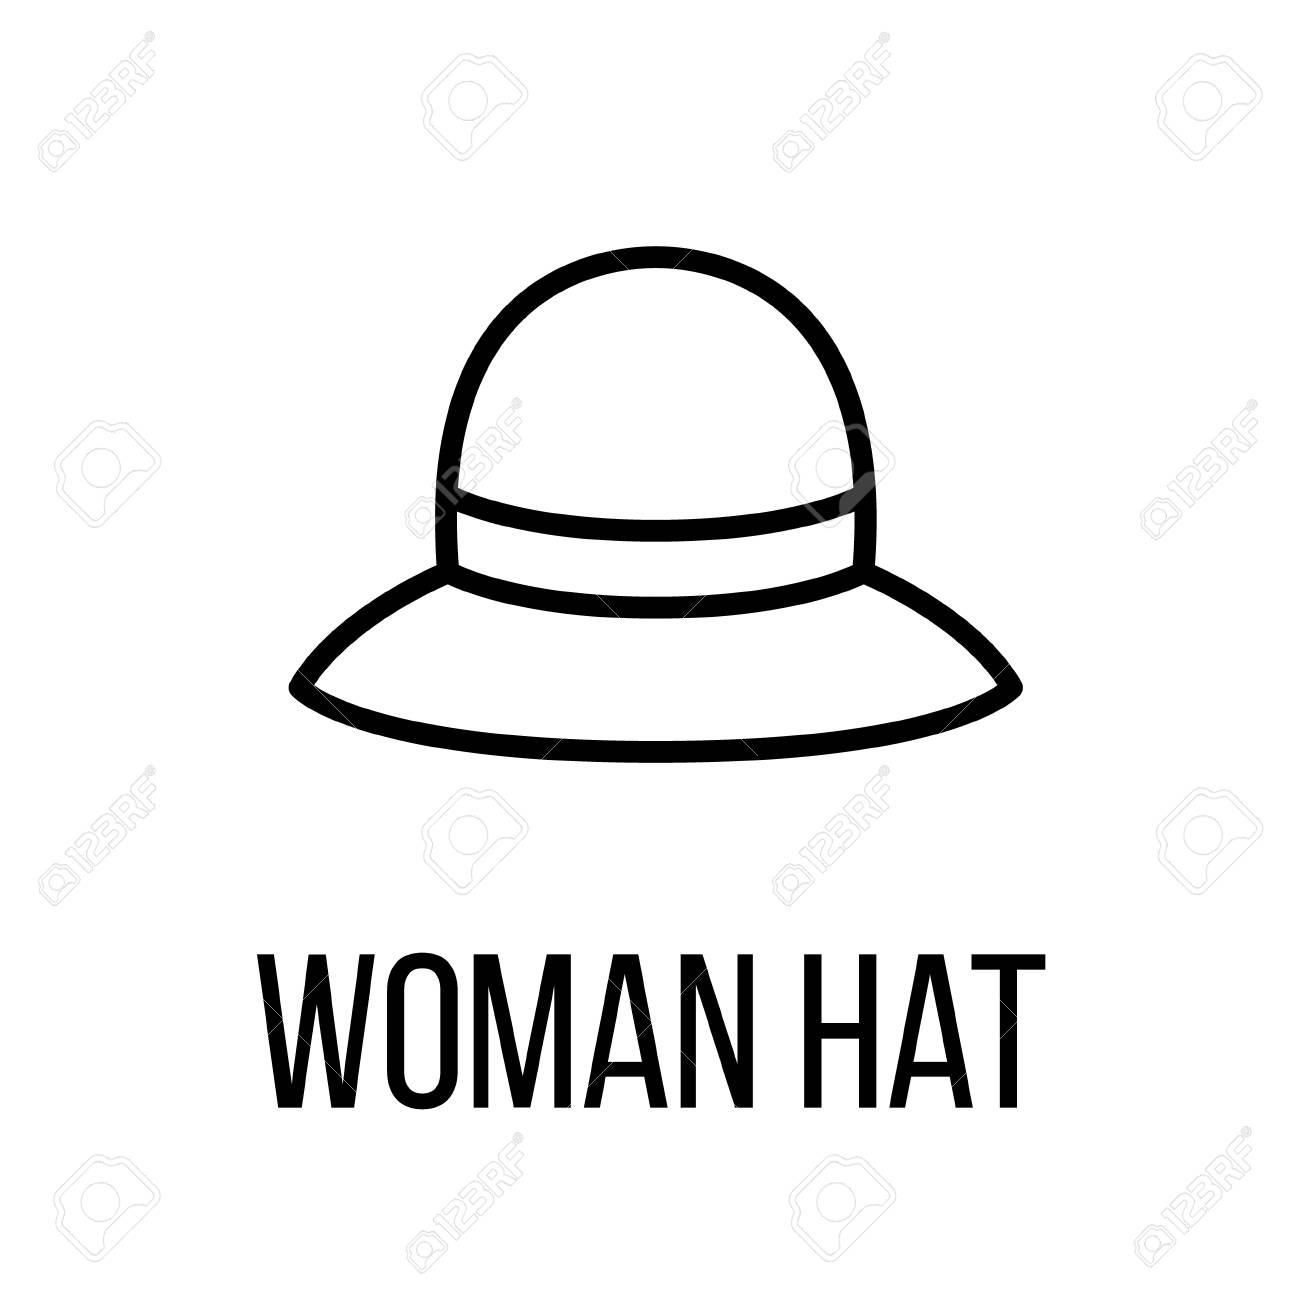 Icône de chapeau de femme ou logo dans le style de ligne moderne. Pictogramme noir de haute qualité pour la conception de sites Web et les